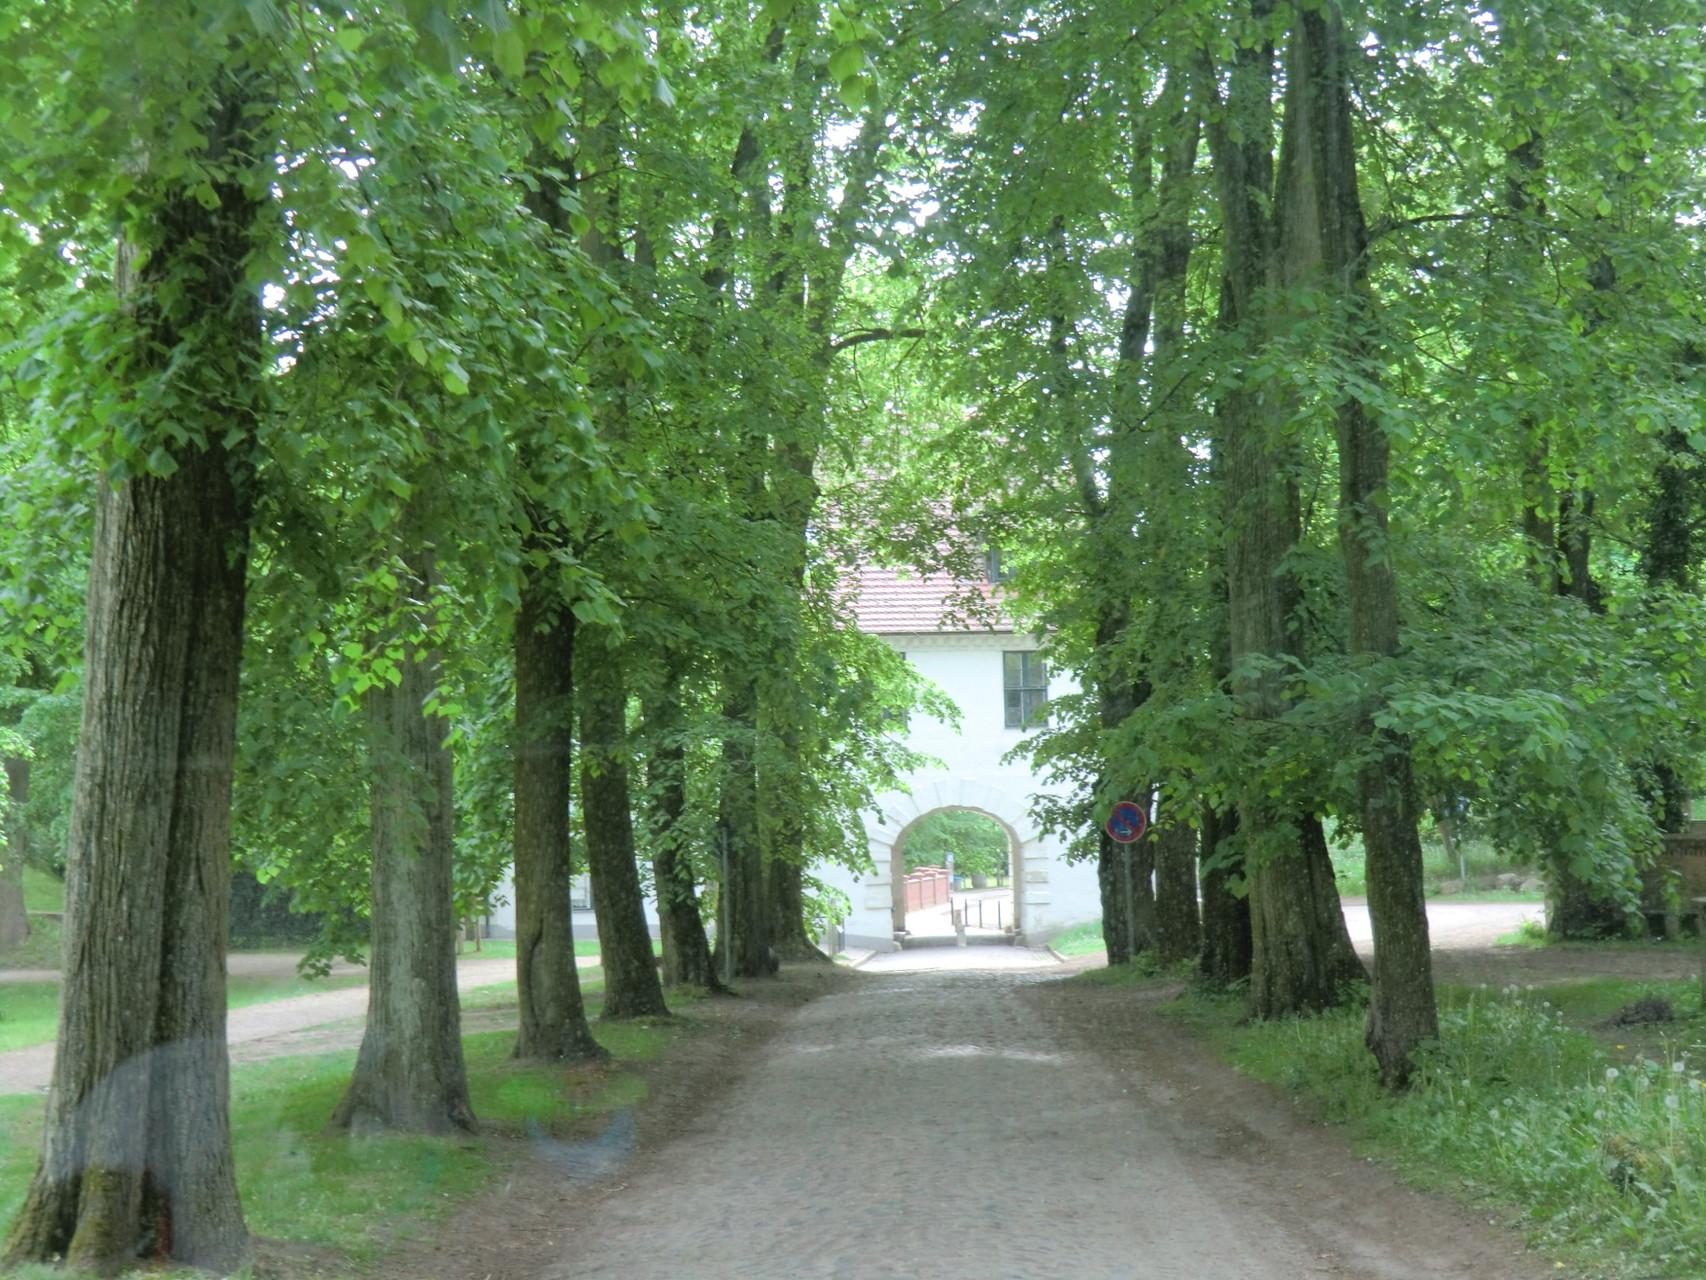 Zufahrt zum Stellplatz in Mirow